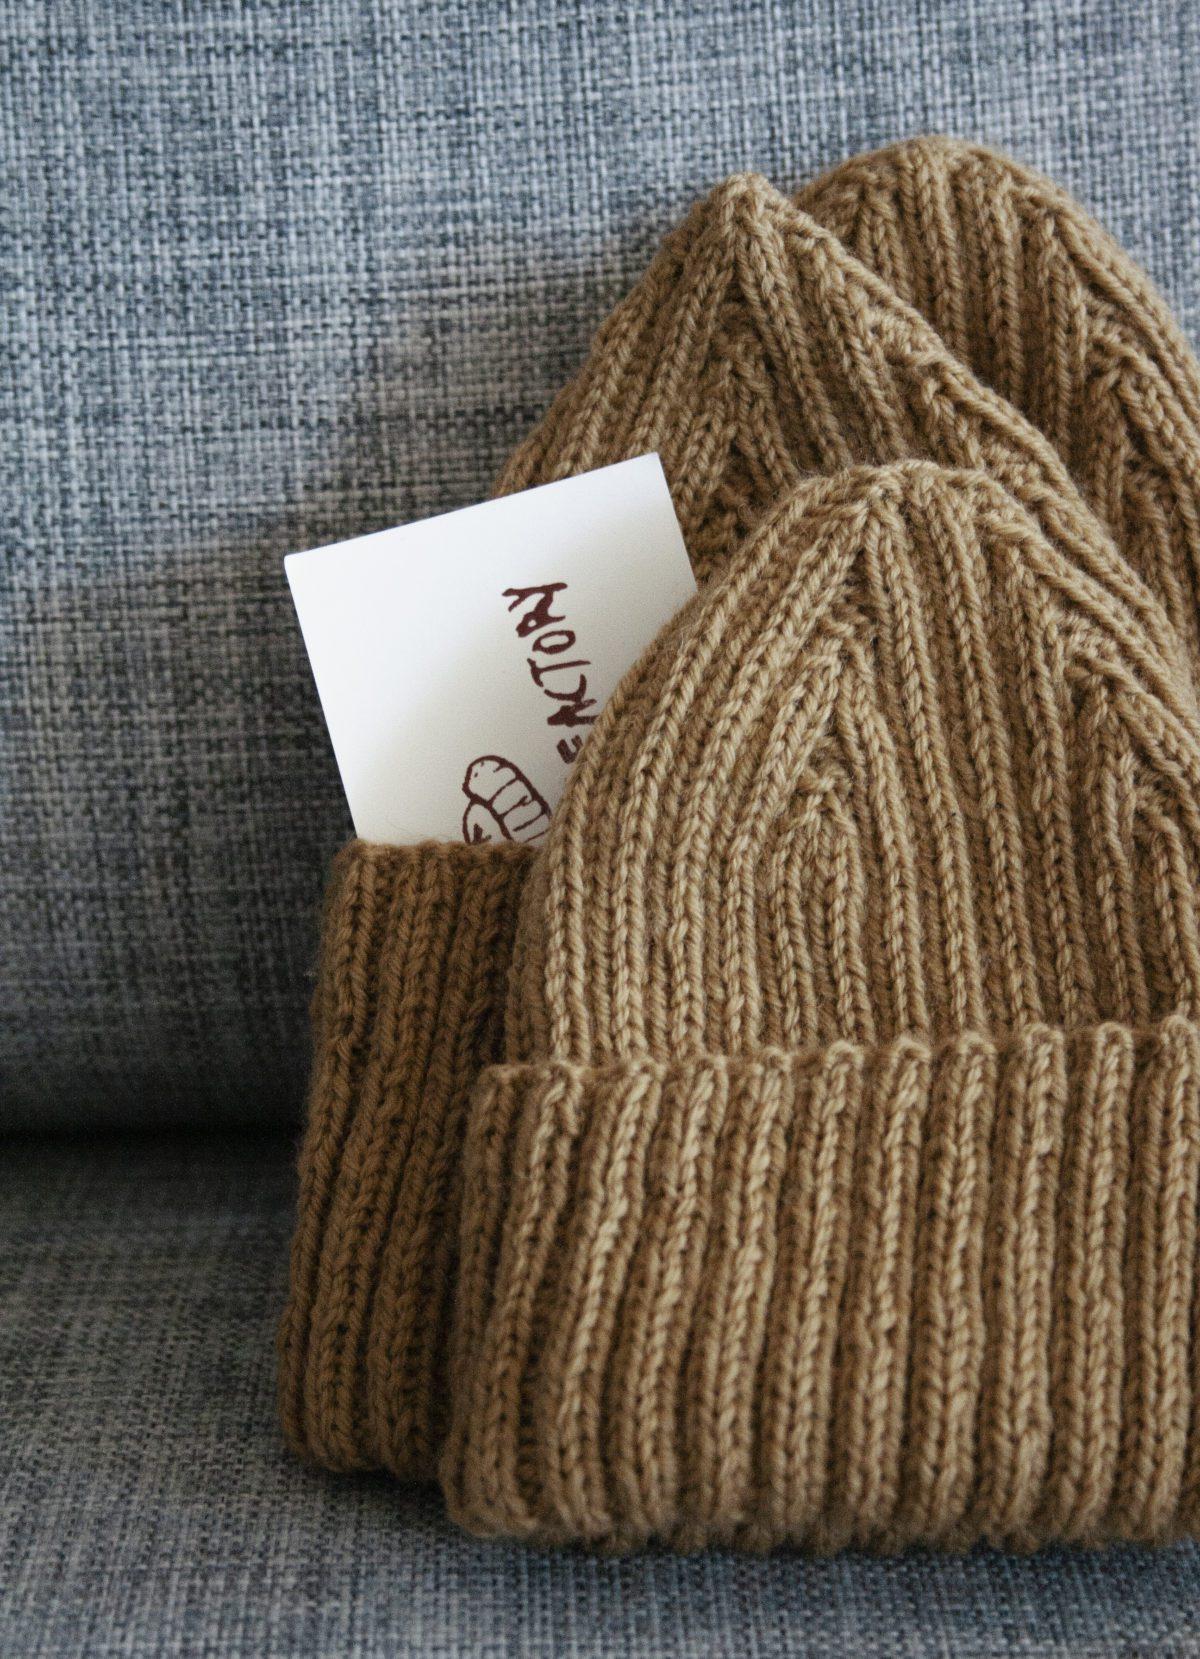 Knit cap, golden